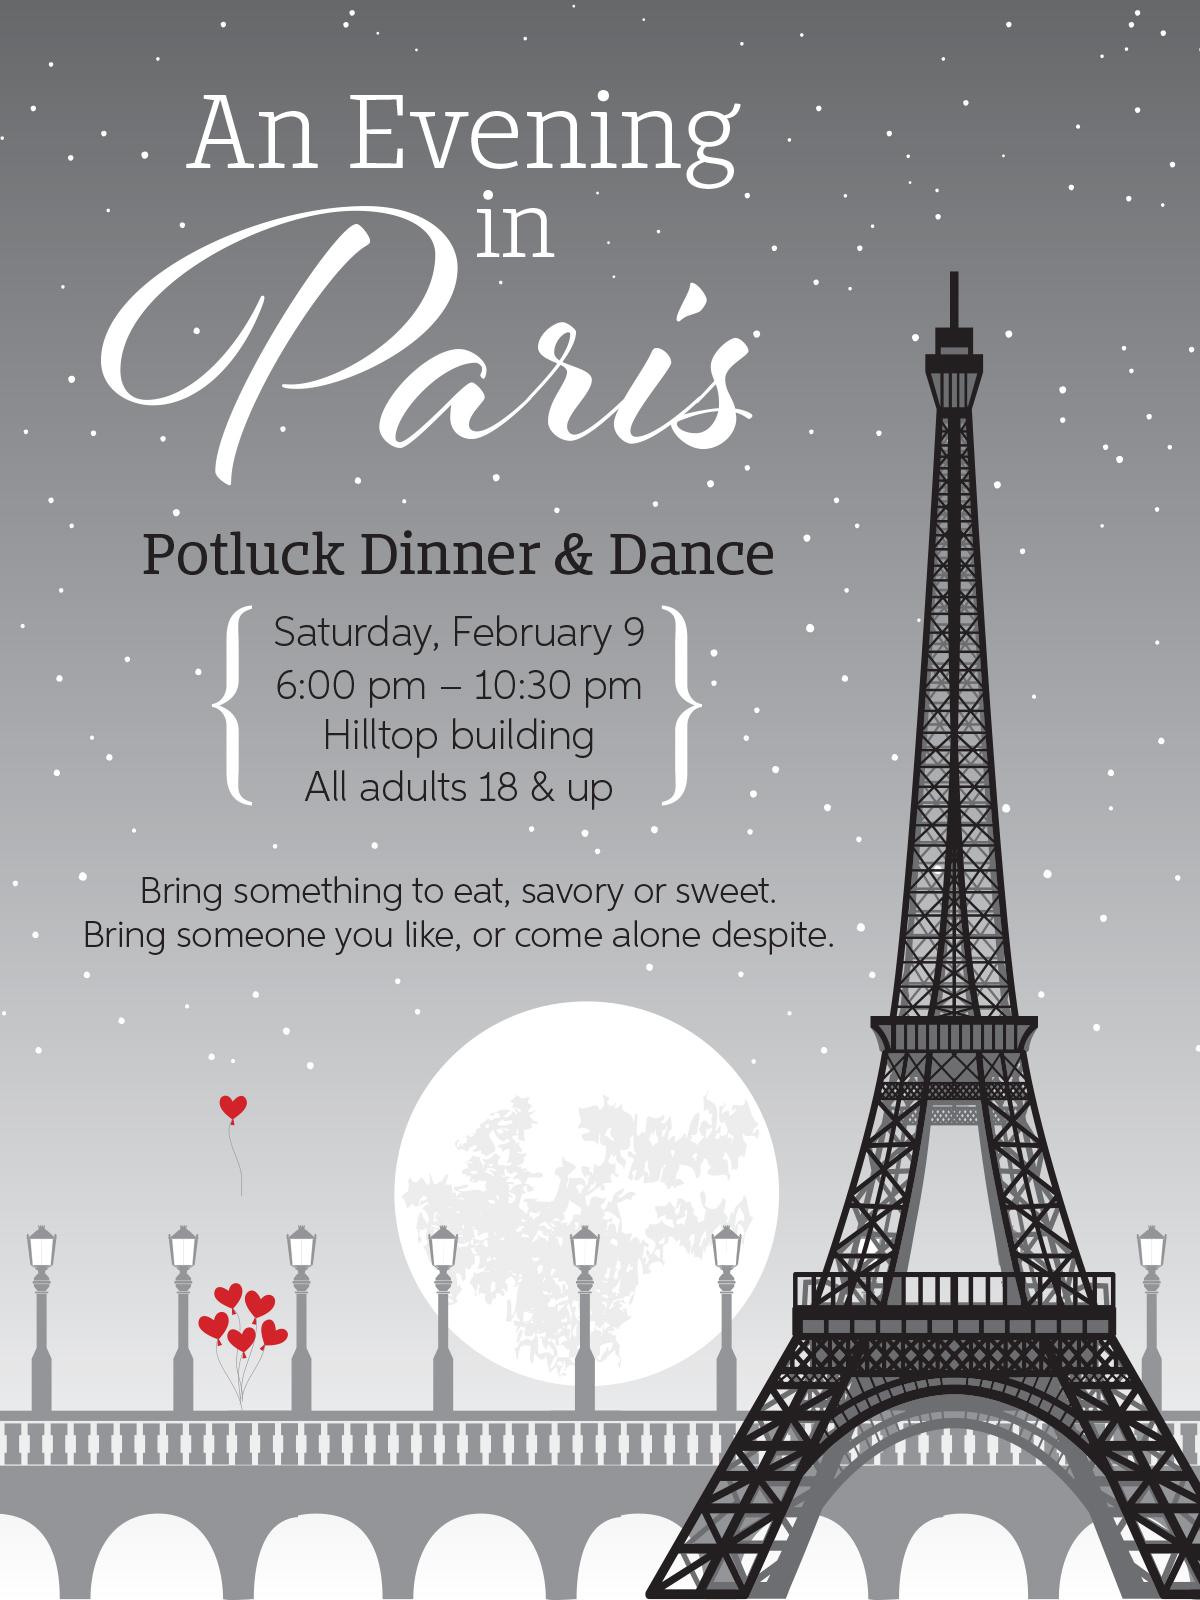 An Evening in Paris poster